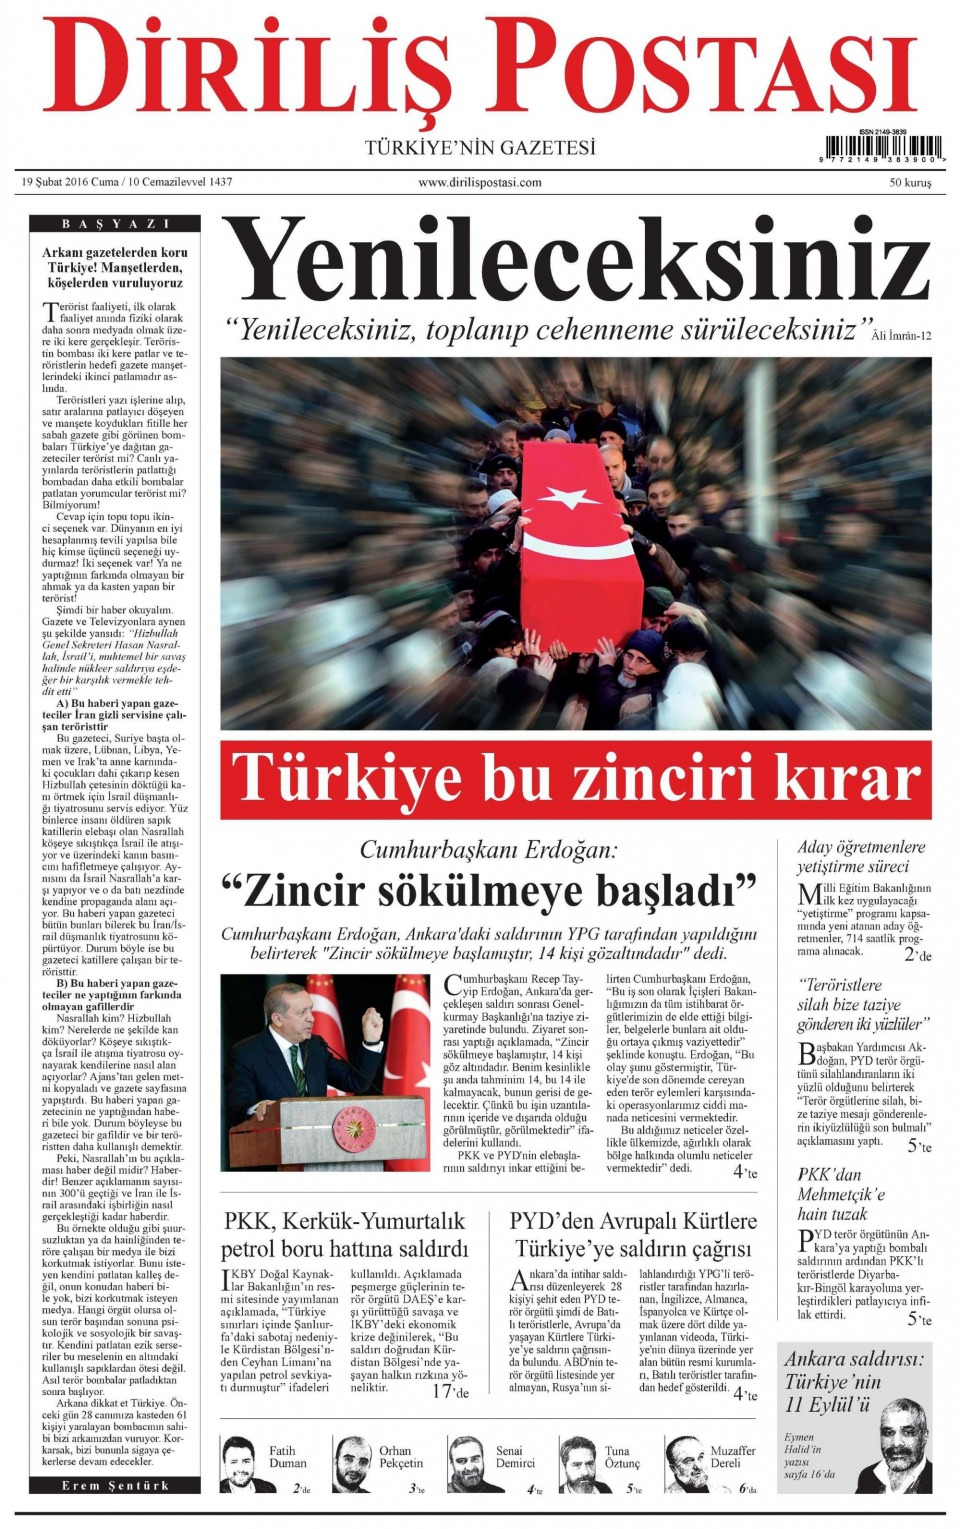 19 Şubat 2016 Günü gazete manşetleri galerisi resim 8